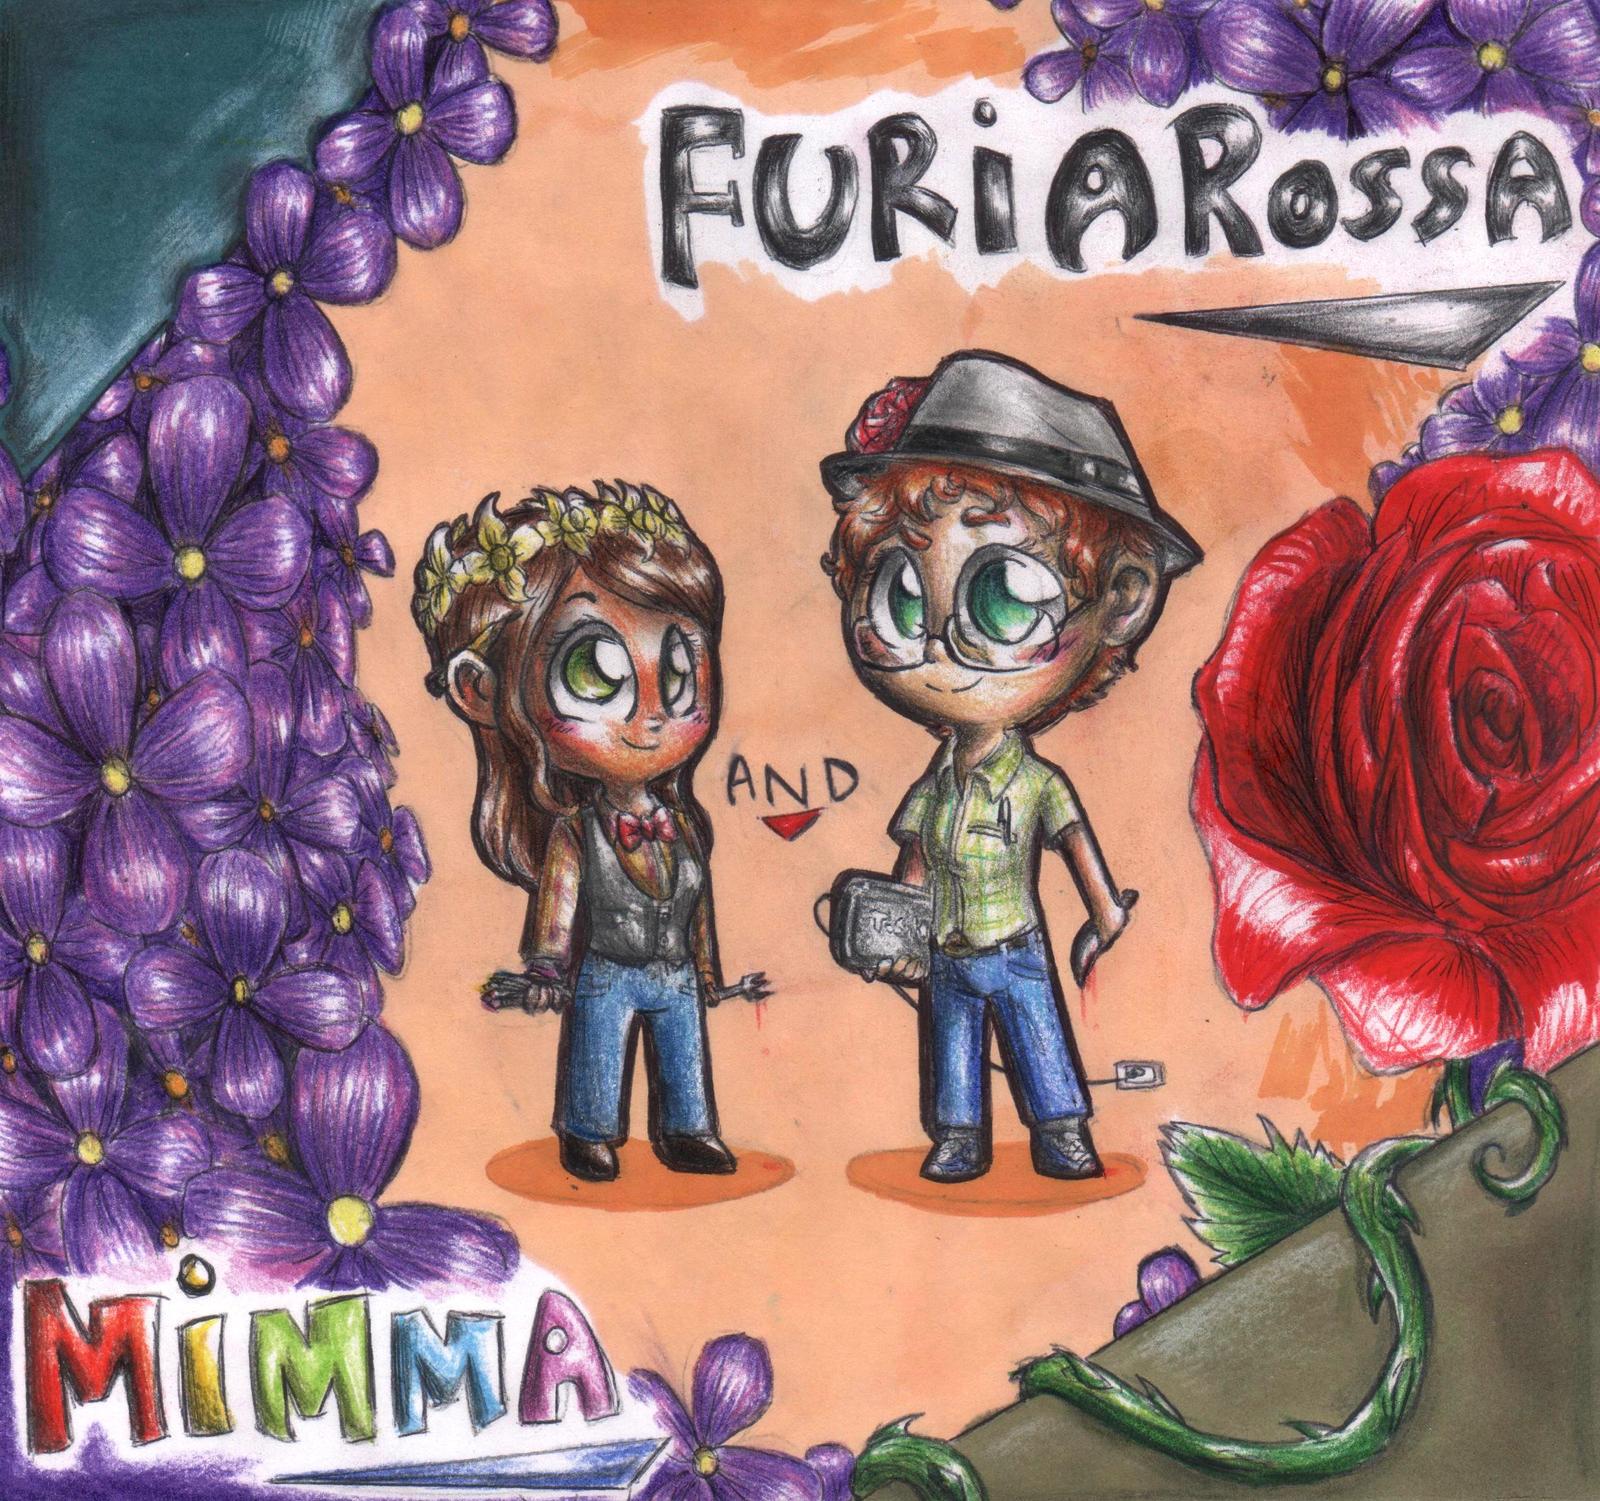 FuriarossaAndMimma's Profile Picture